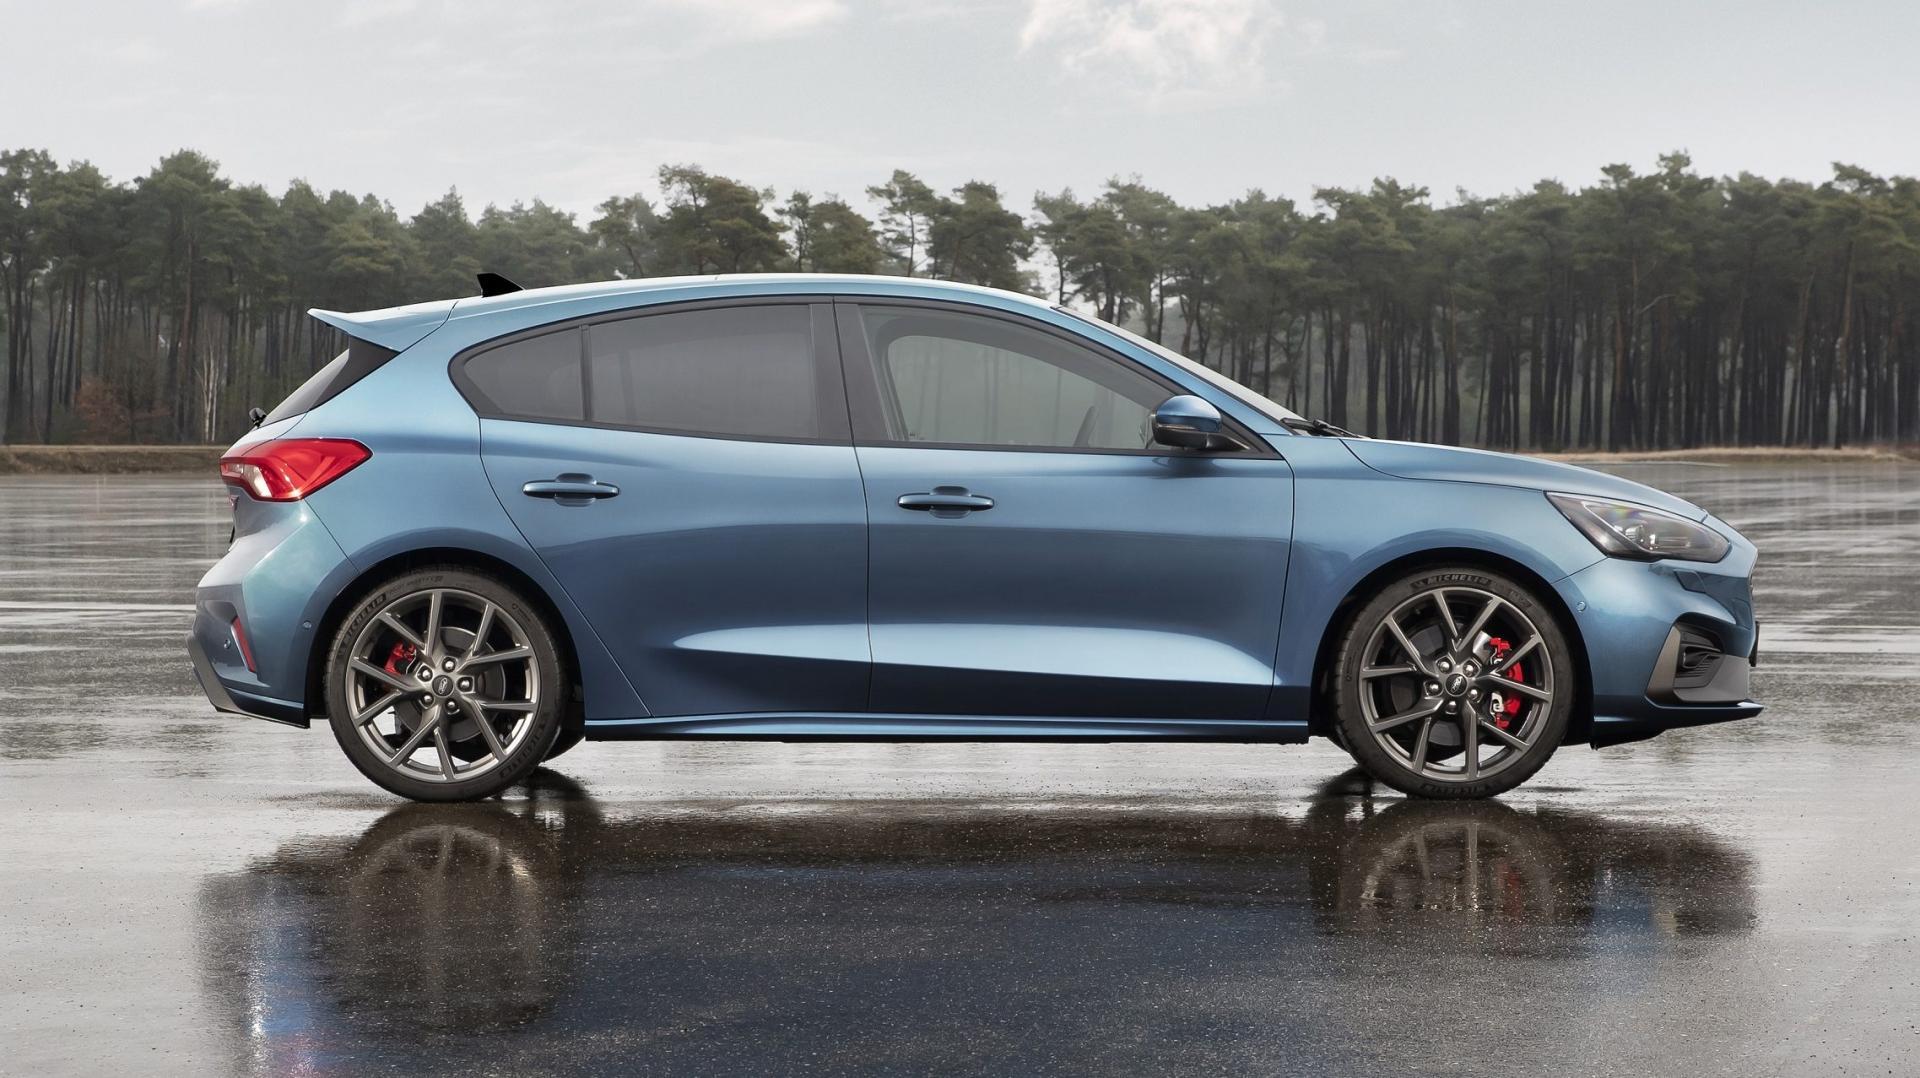 Ford Focus St 2019 Krijgt Rs Power Specificaties